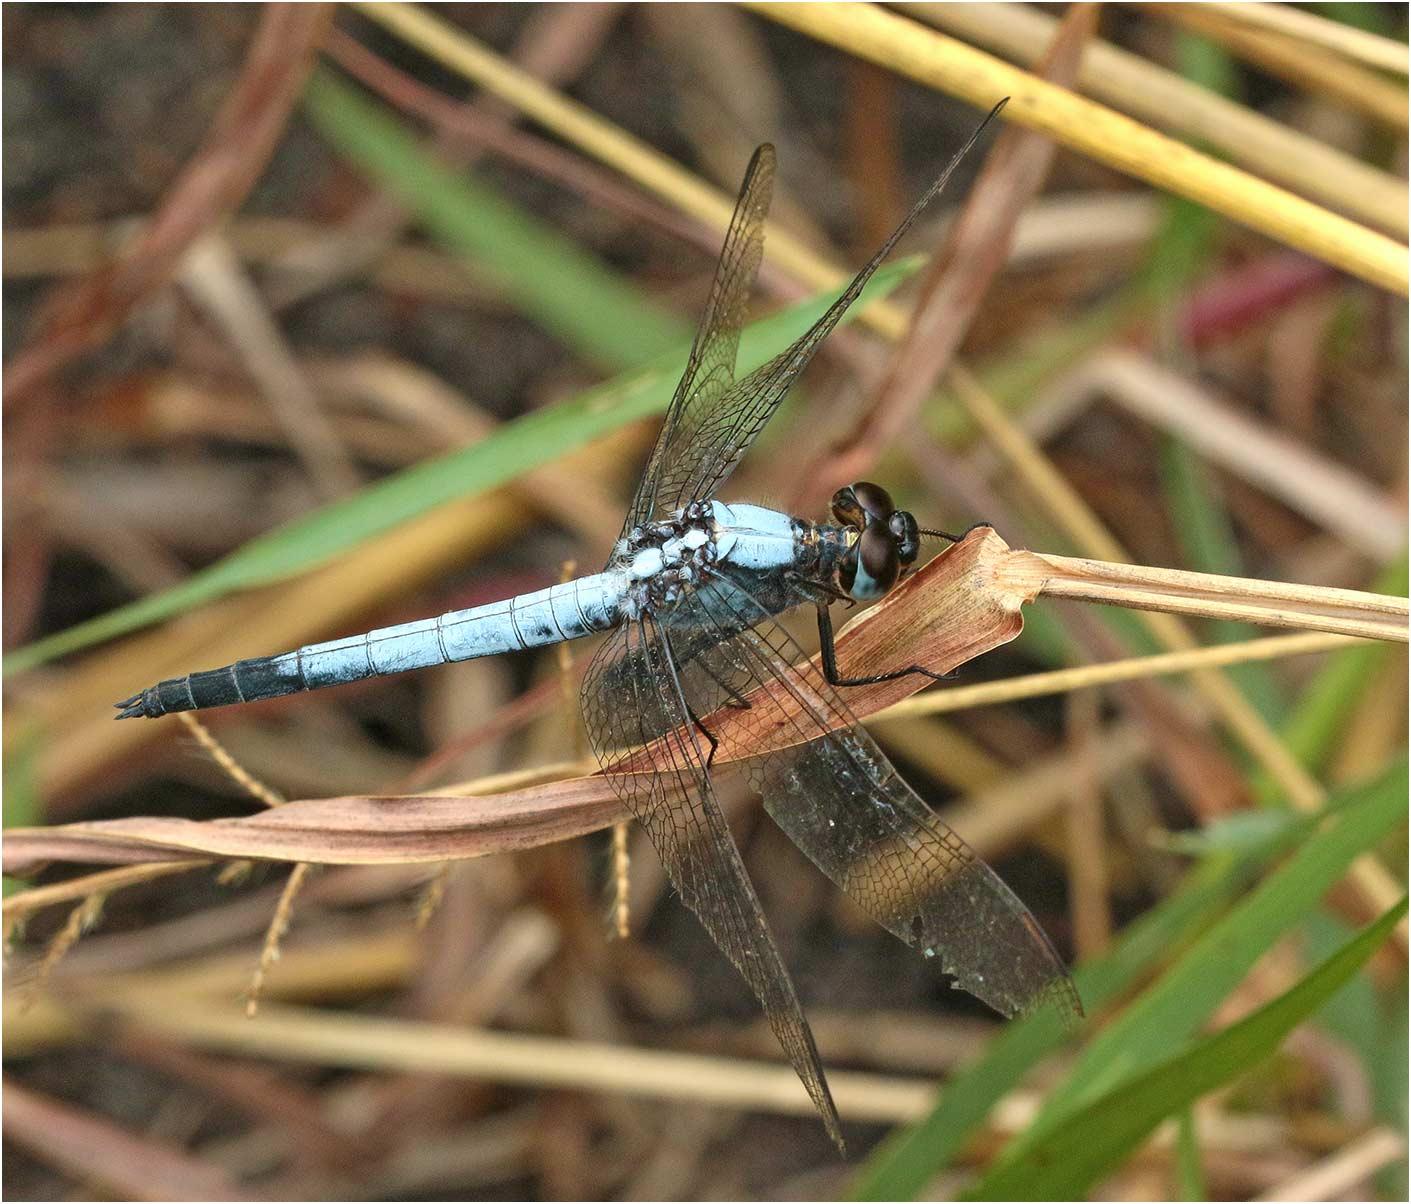 Nesciothemis farinosa mâle, Namibie, Singalamwe, 16/02/2020